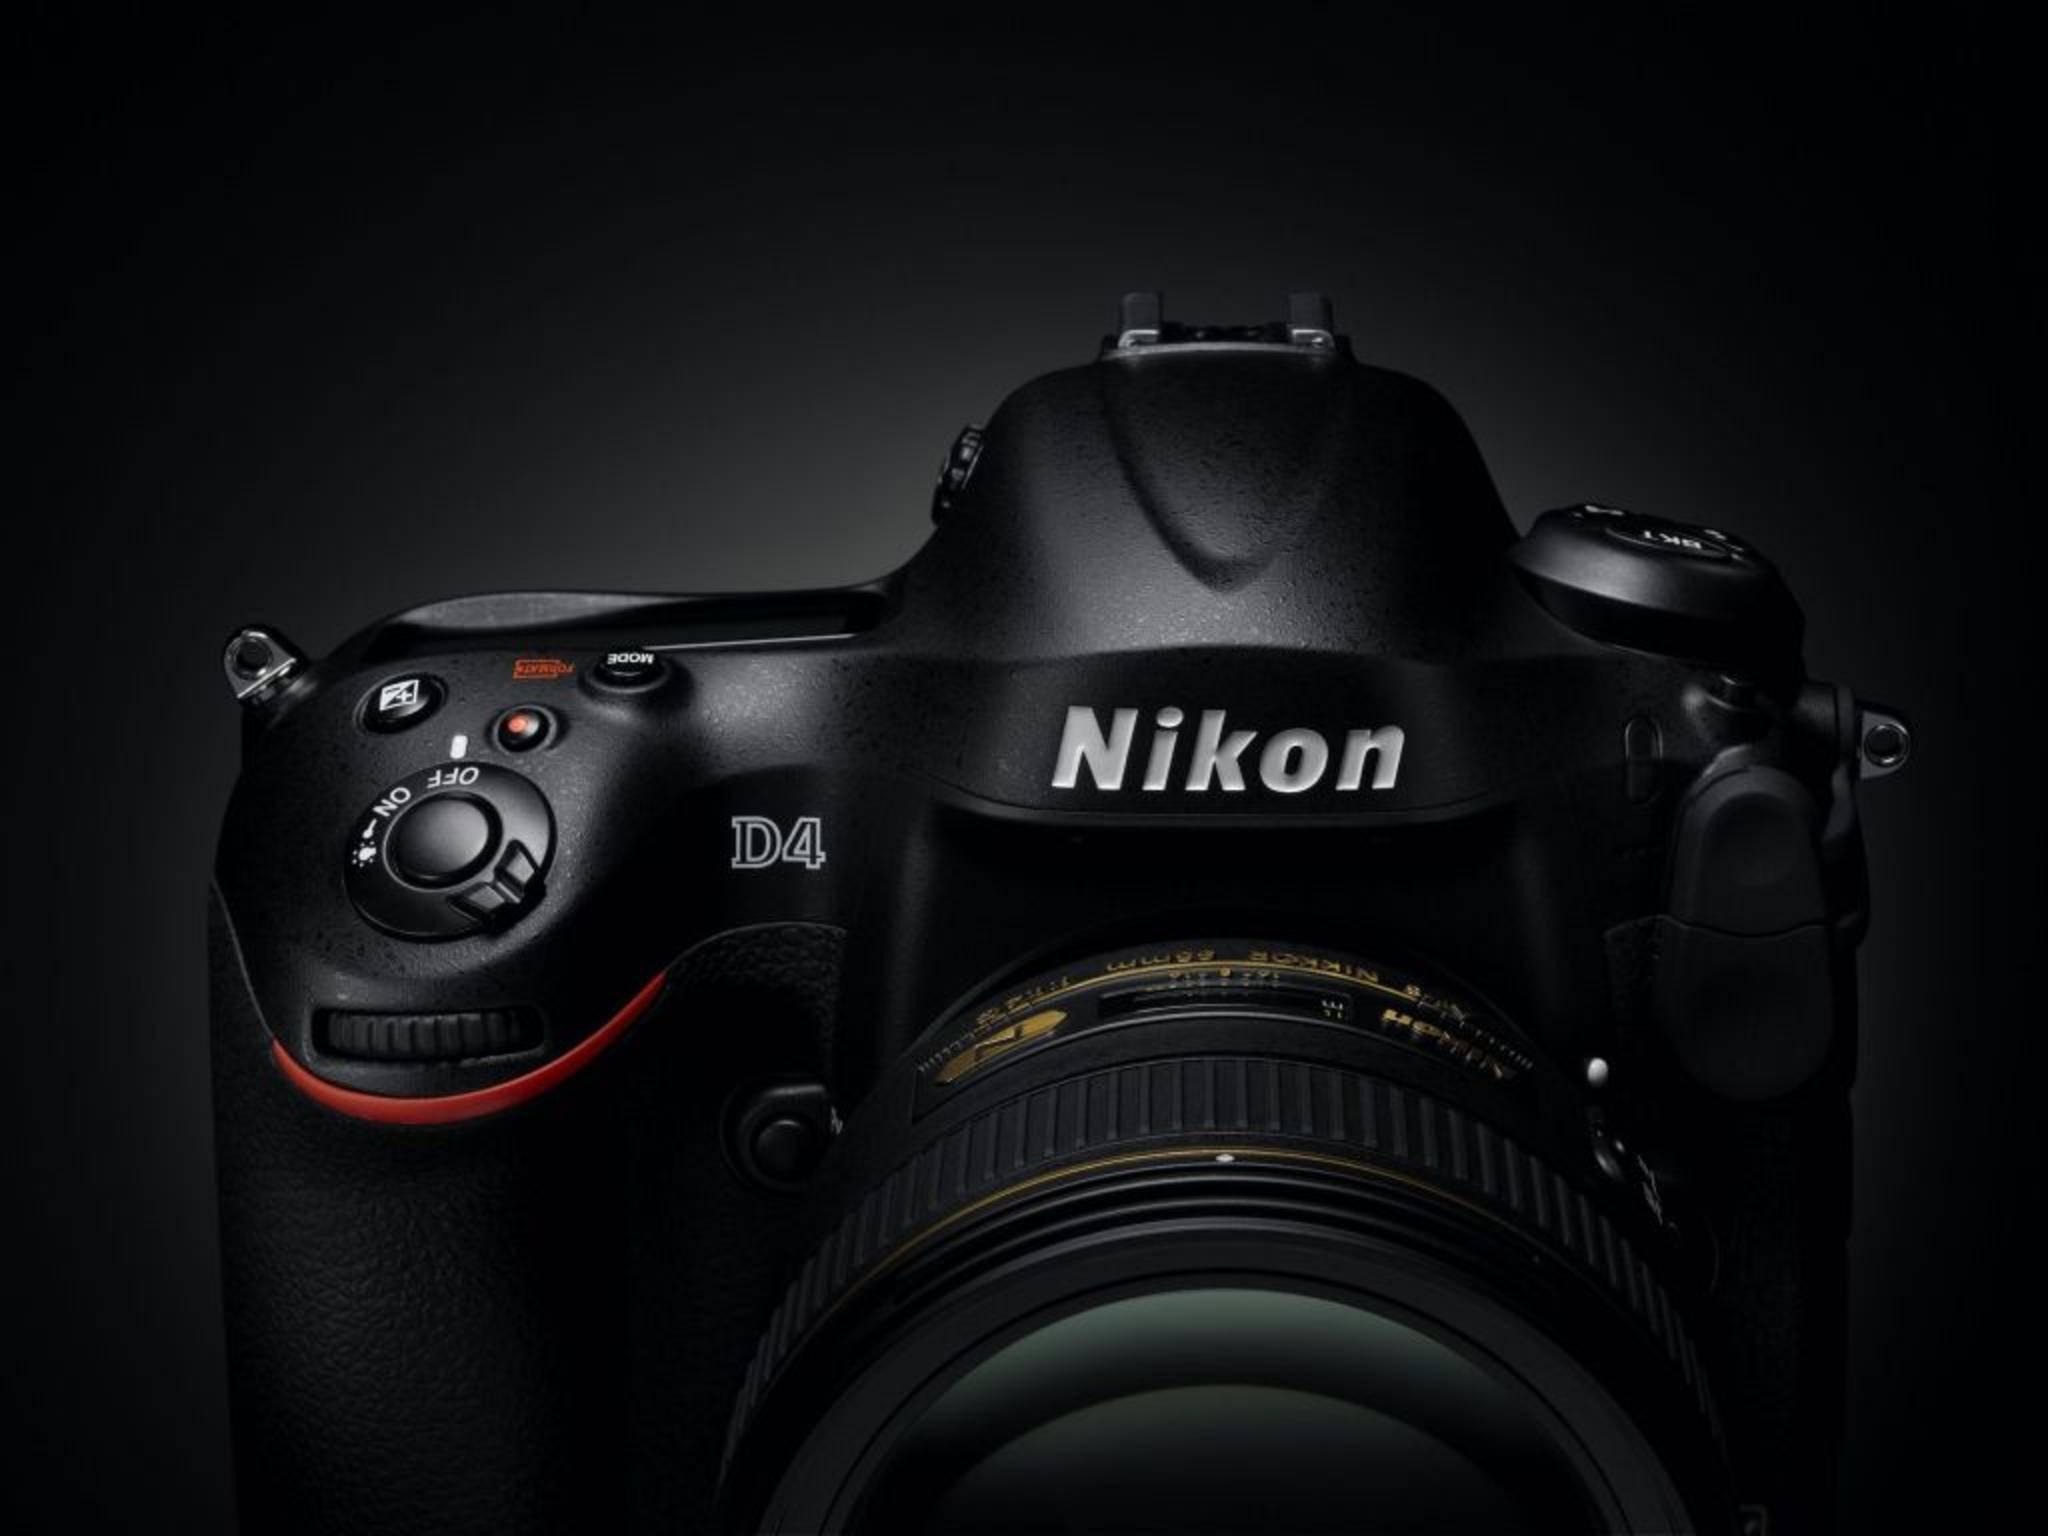 Nikon-Kameras lassen sich problemlos zurücksetzen.